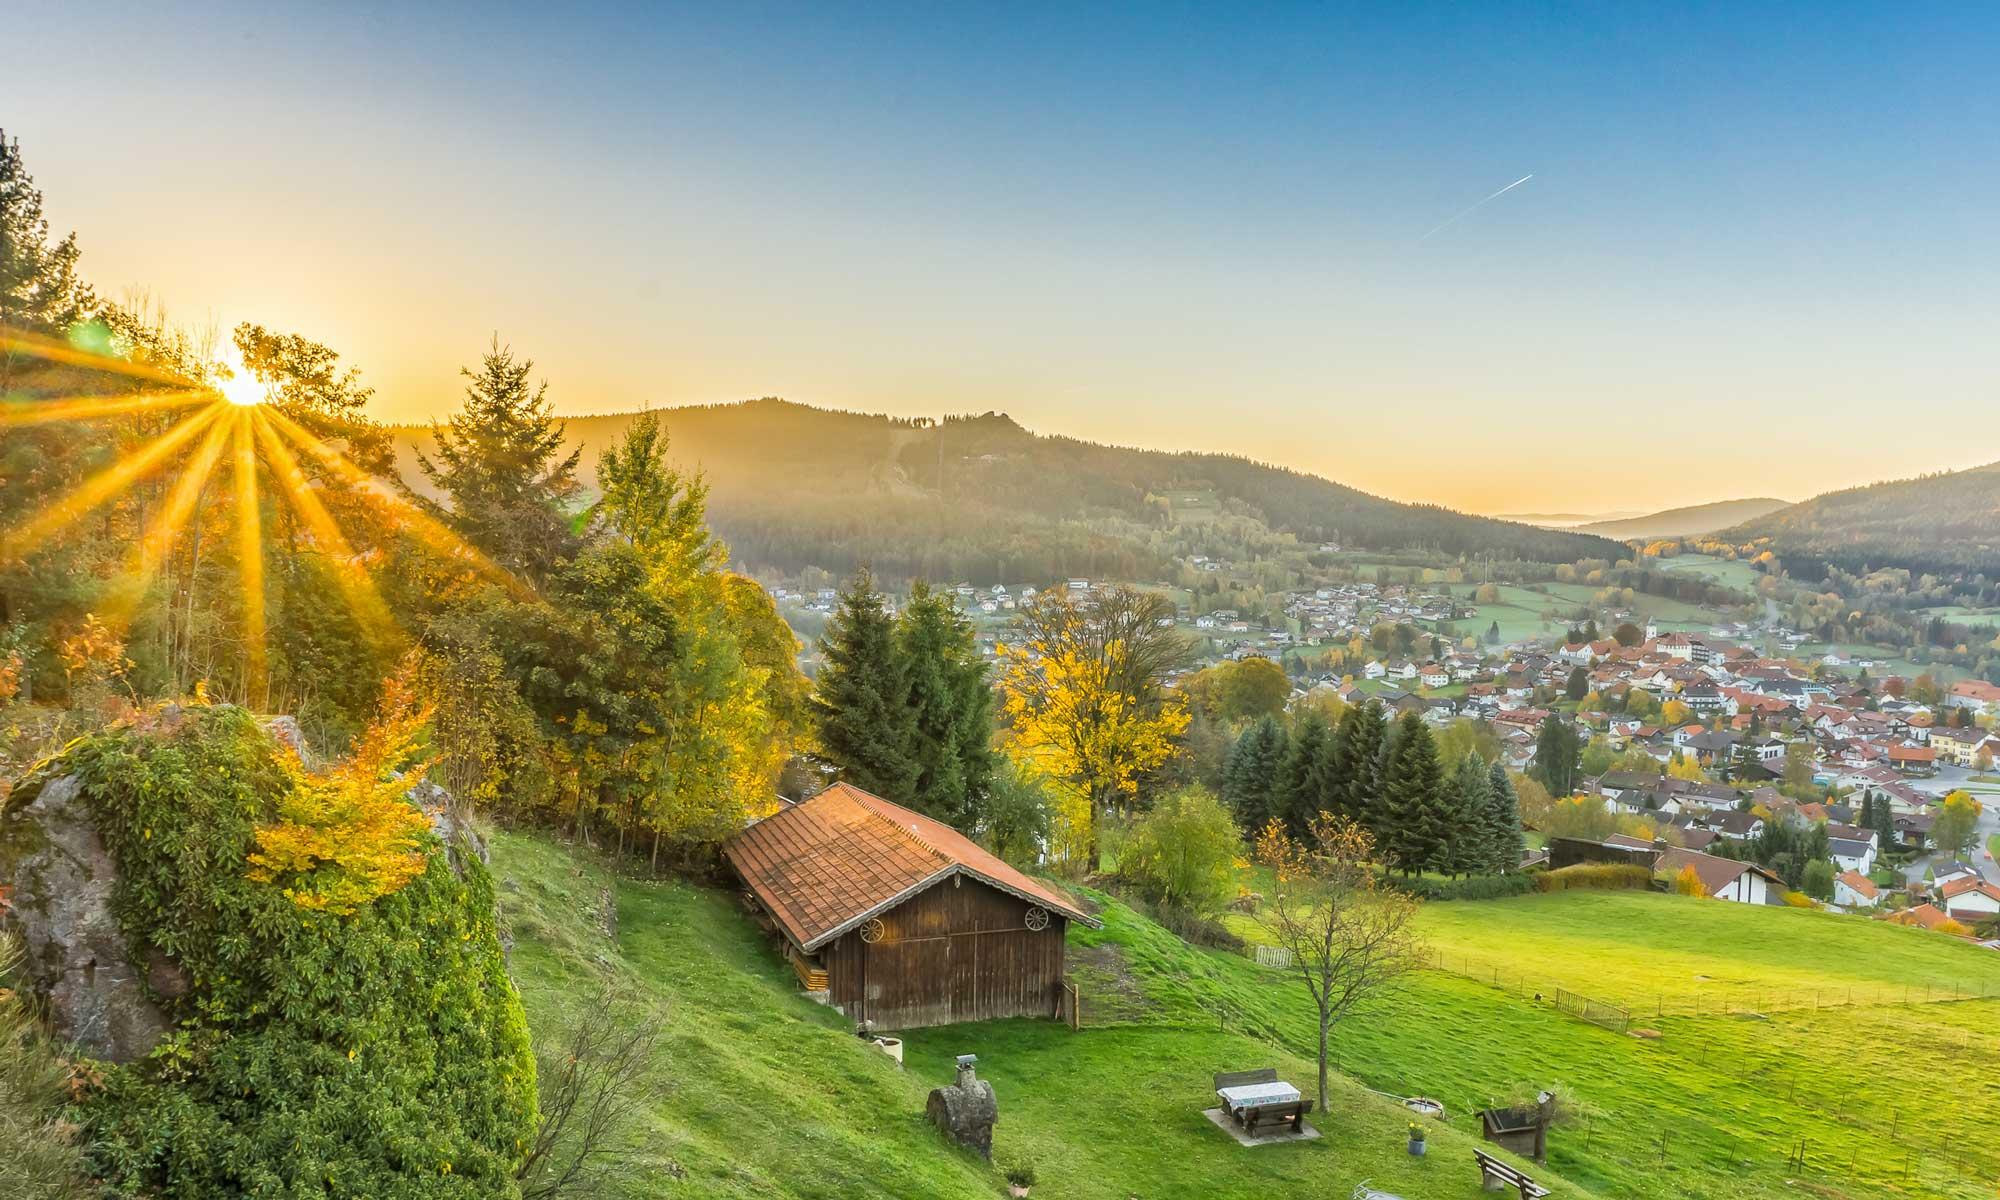 Bodenmais, Ferienort Nr. 1 im Bayerischen Wald